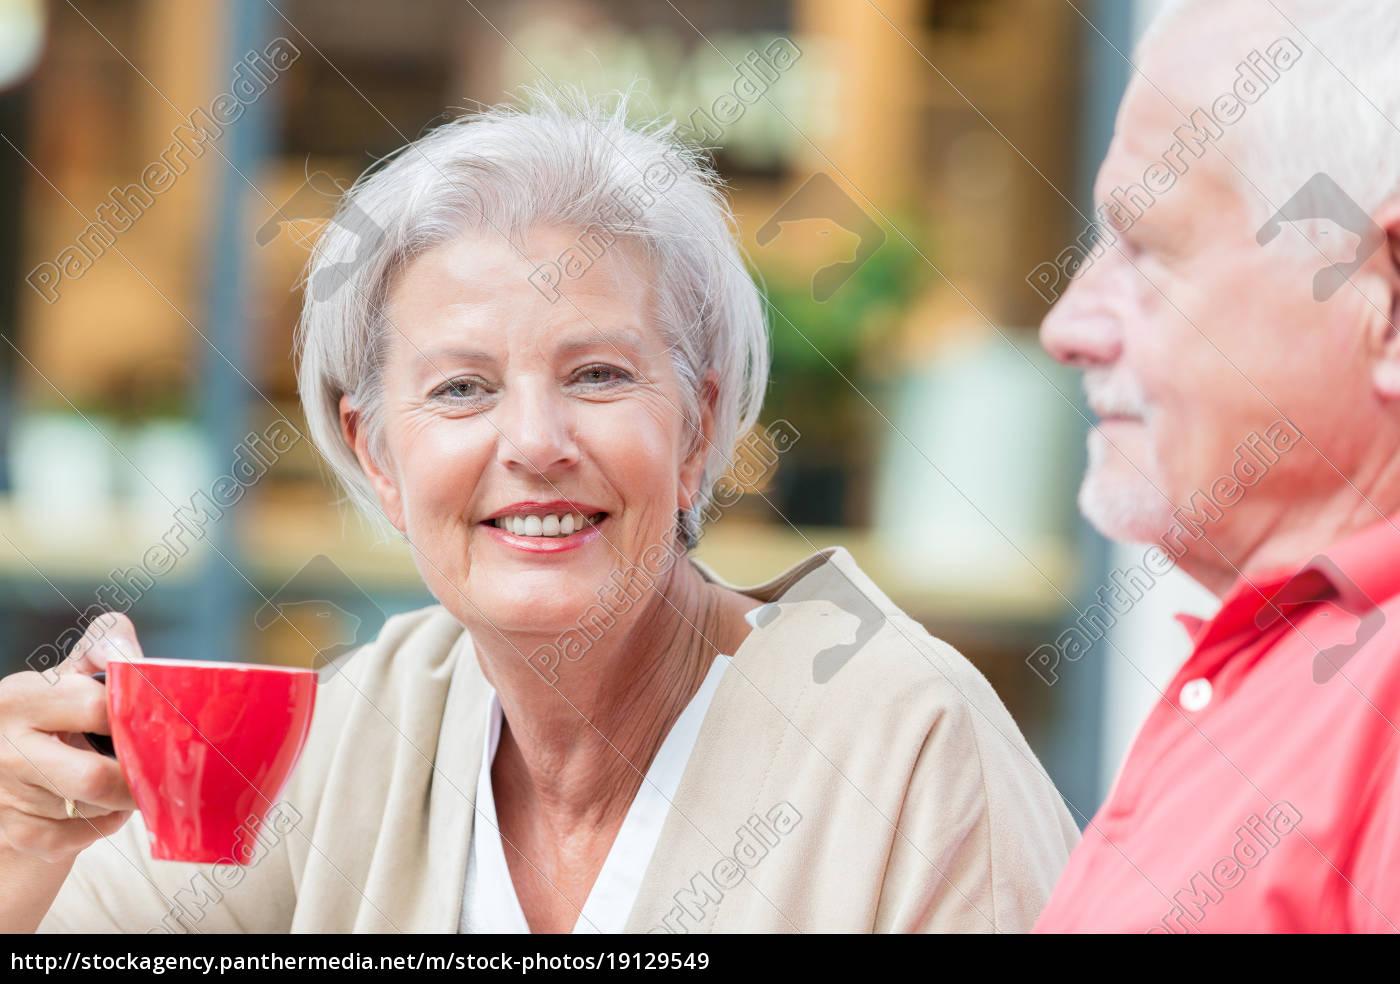 idosos, bebem, um, café - 19129549